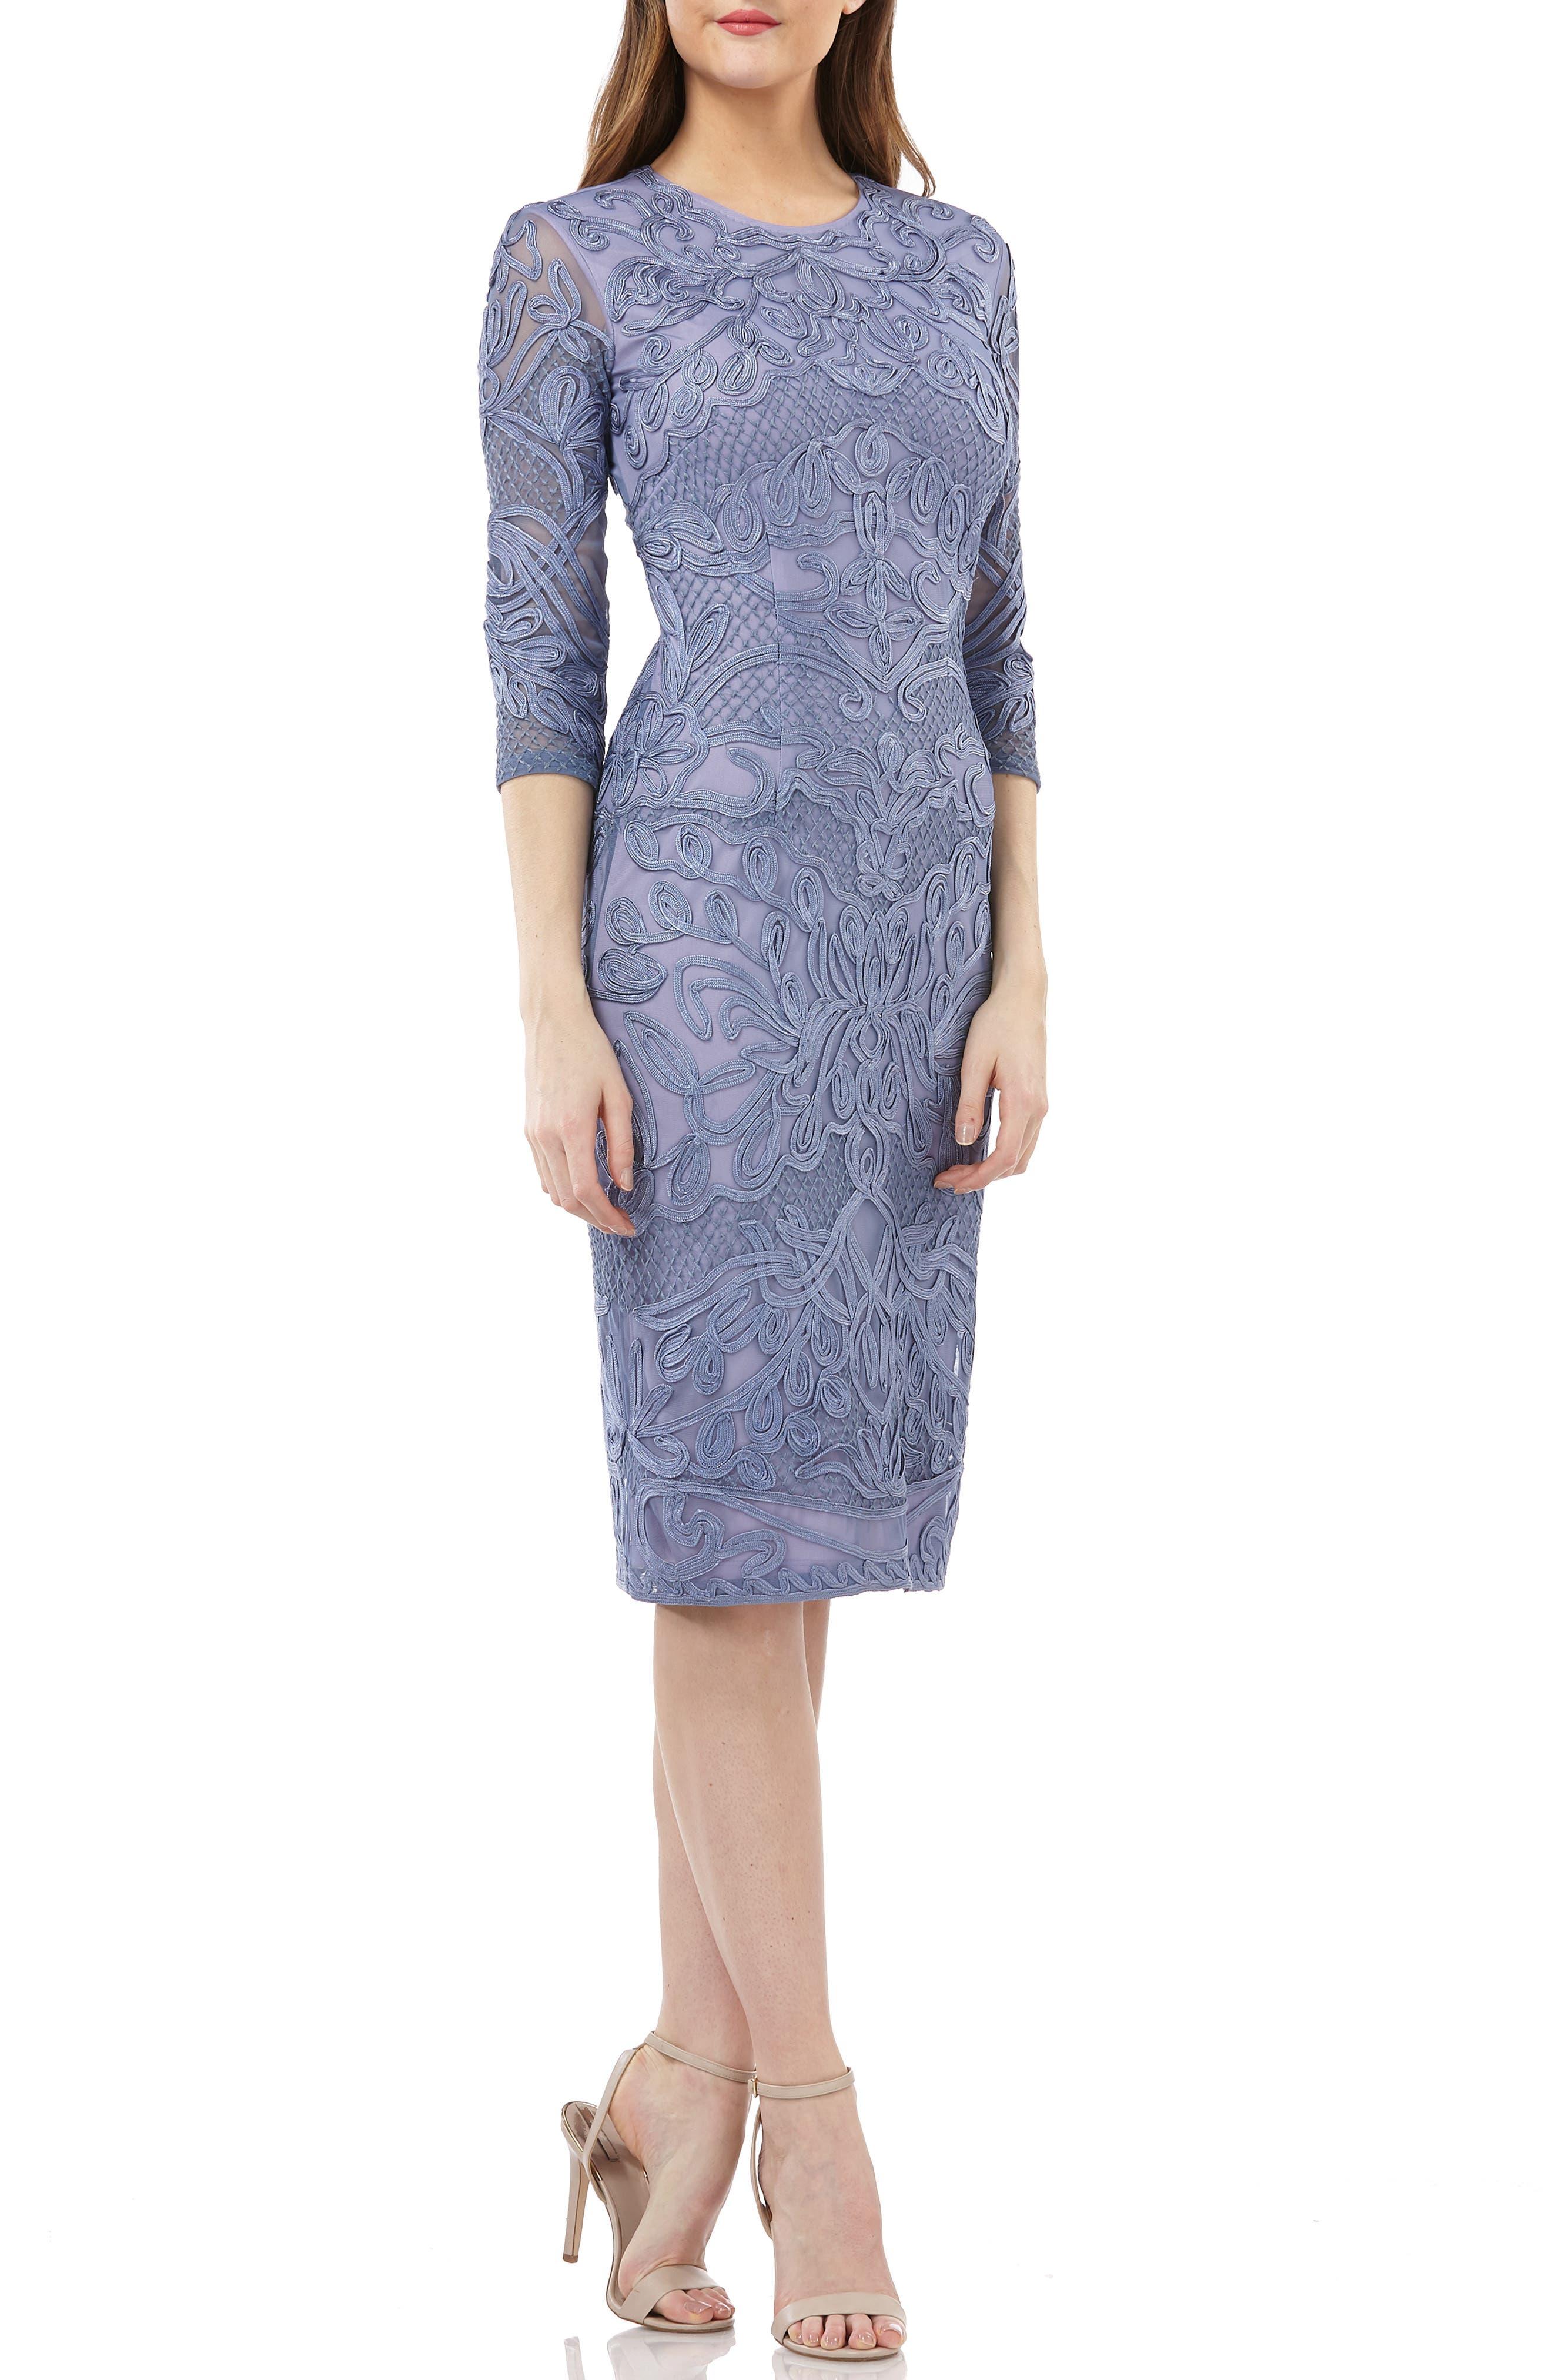 JS COLLECTIONS Soutache Sheath Dress, Main, color, PERIWINKLE